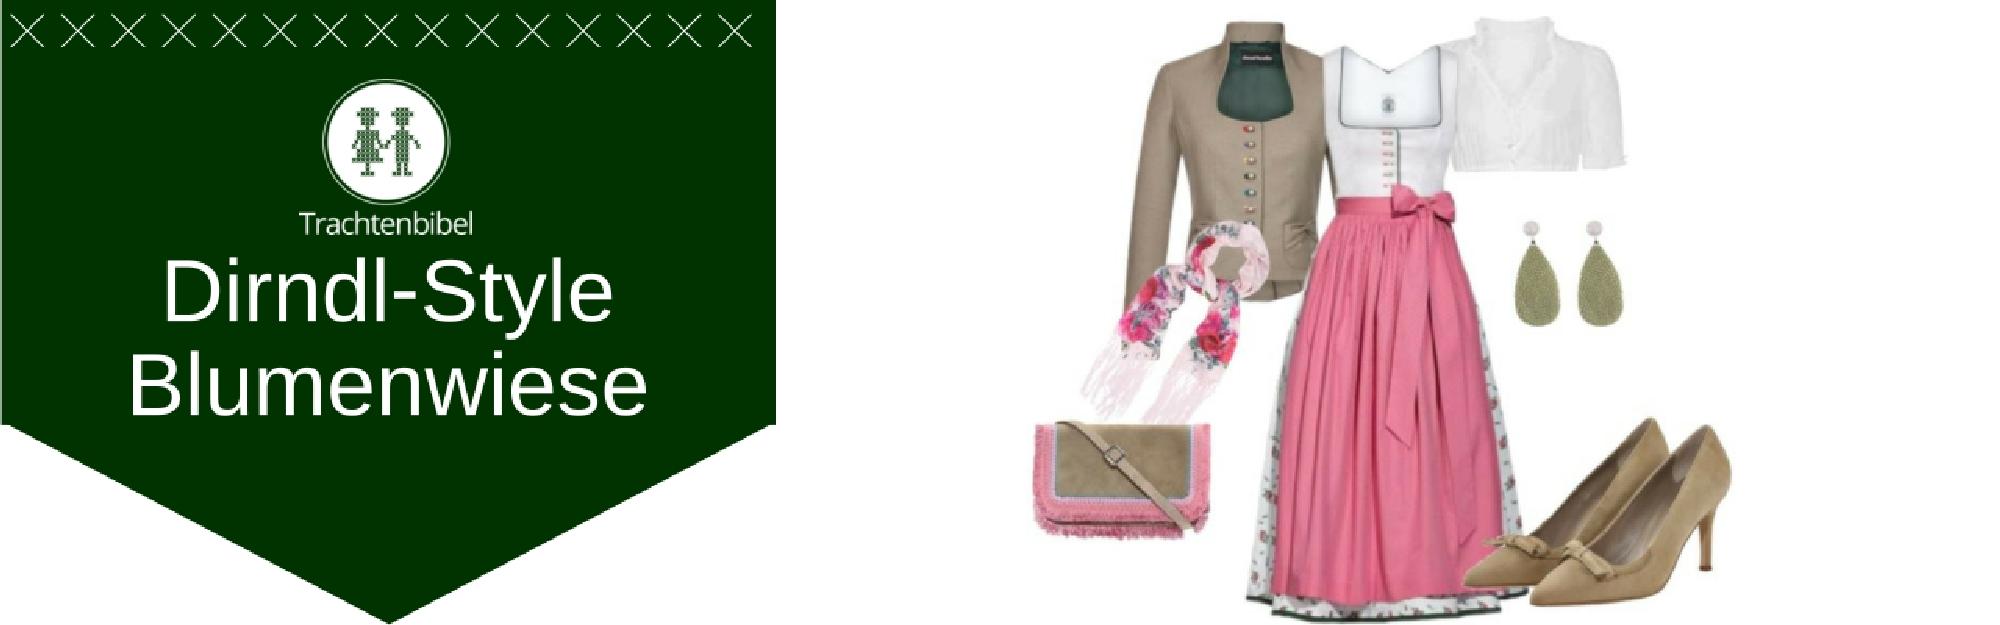 Blumenwiese Dirndl Outfit